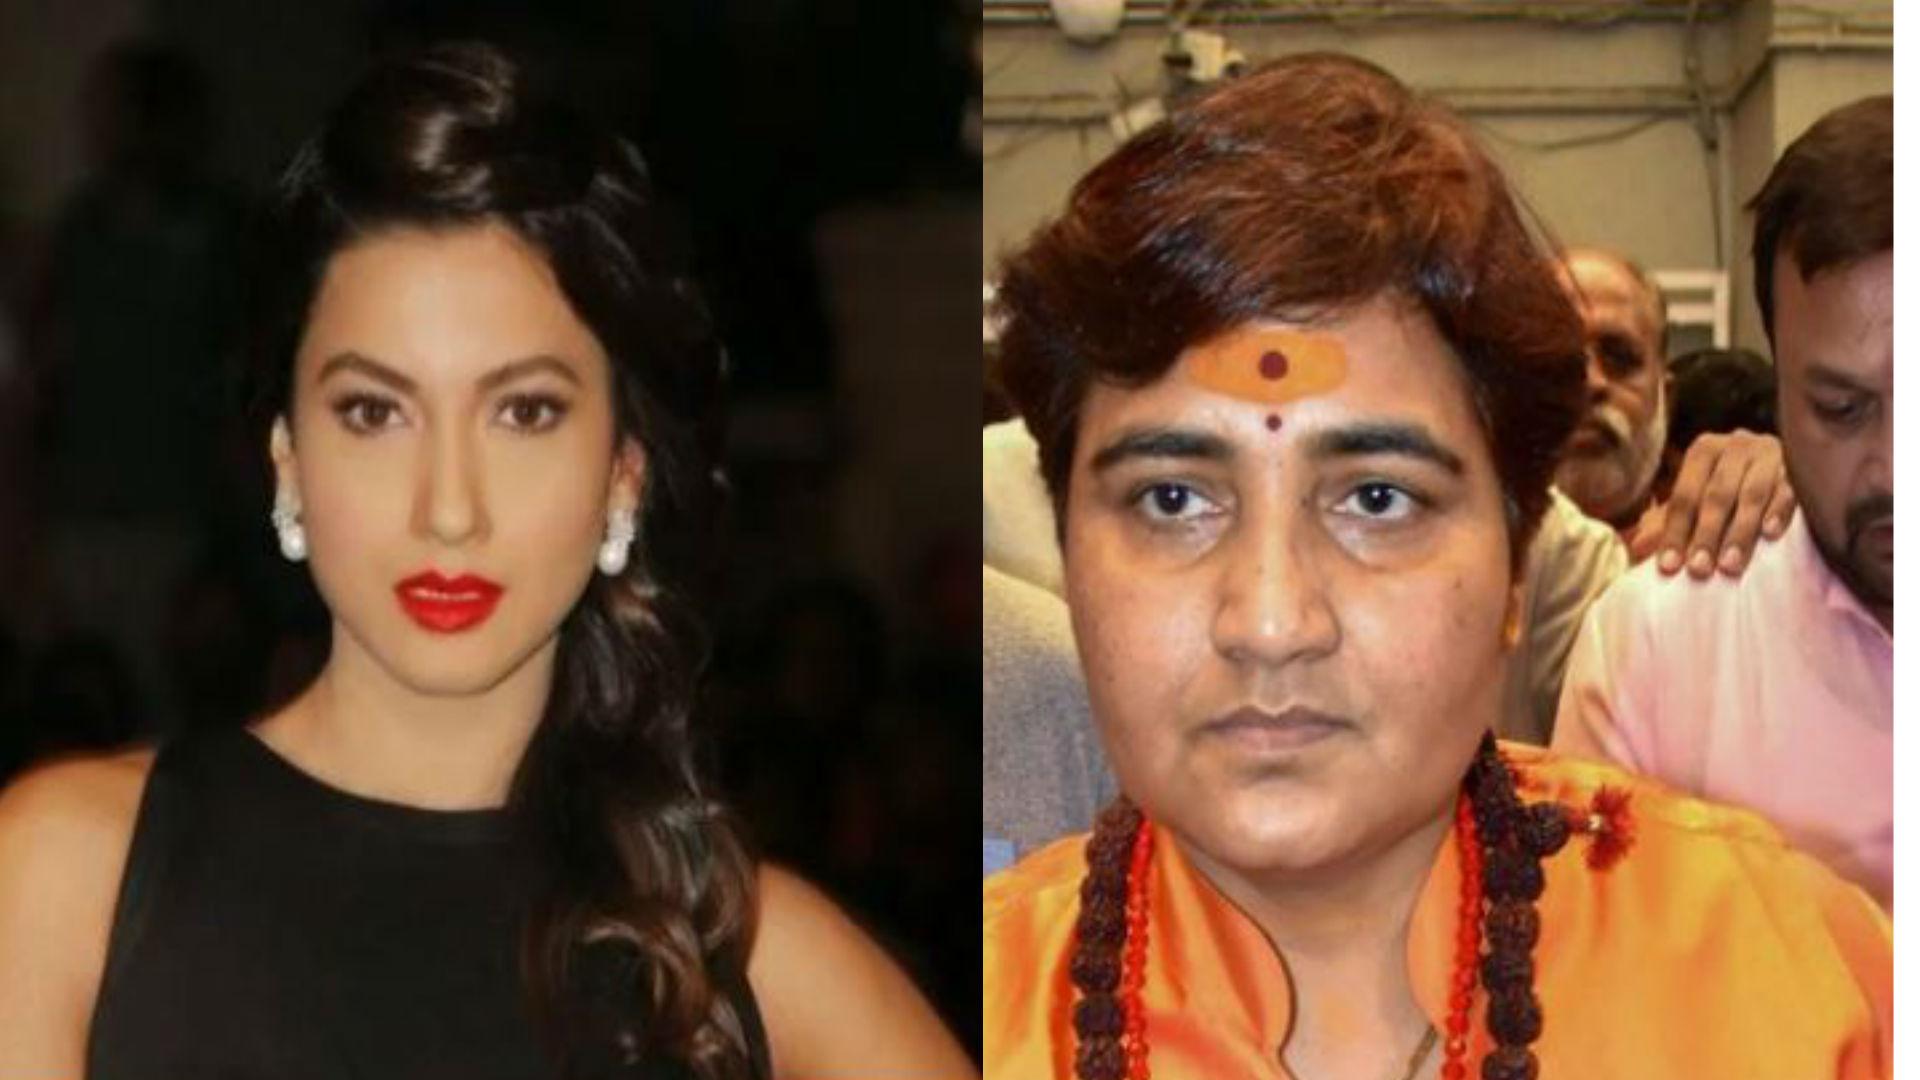 गौहर खान ने साधा बीजेपी उम्मीदवार साध्वी प्रज्ञा पर निशाना, कहा- सॉरी कह देंगे, लेकिन चुनाव जरूर लड़ेंगे